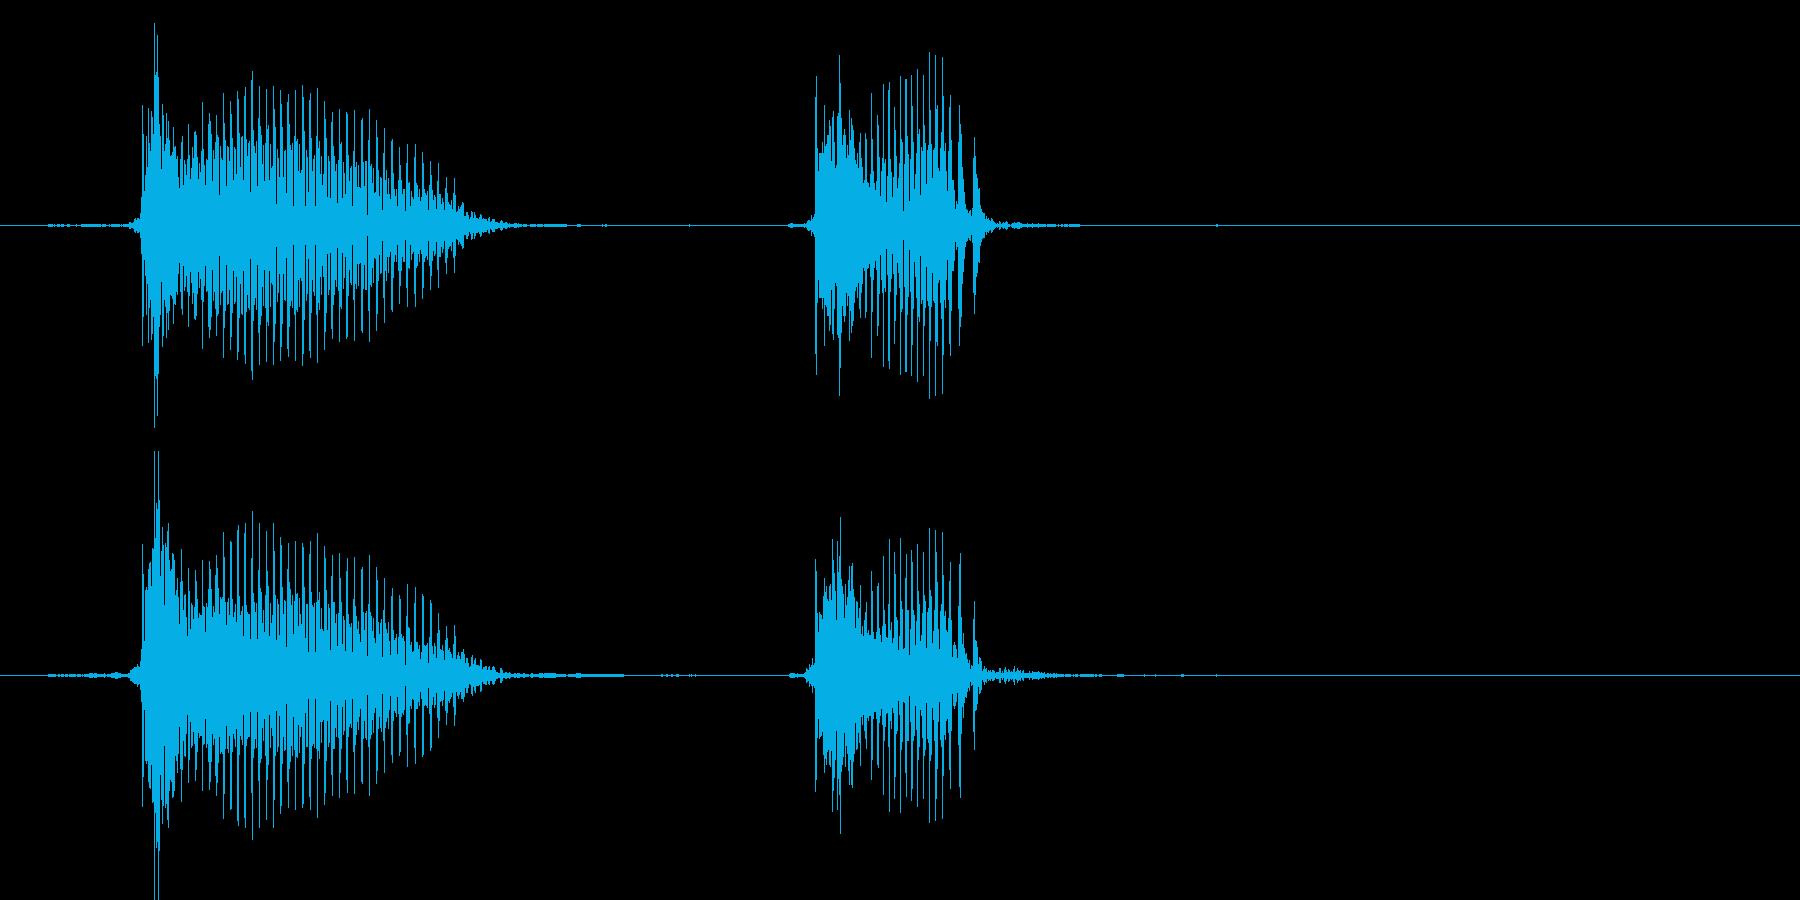 ちゅんちゅん(1歳児の生声です)の再生済みの波形